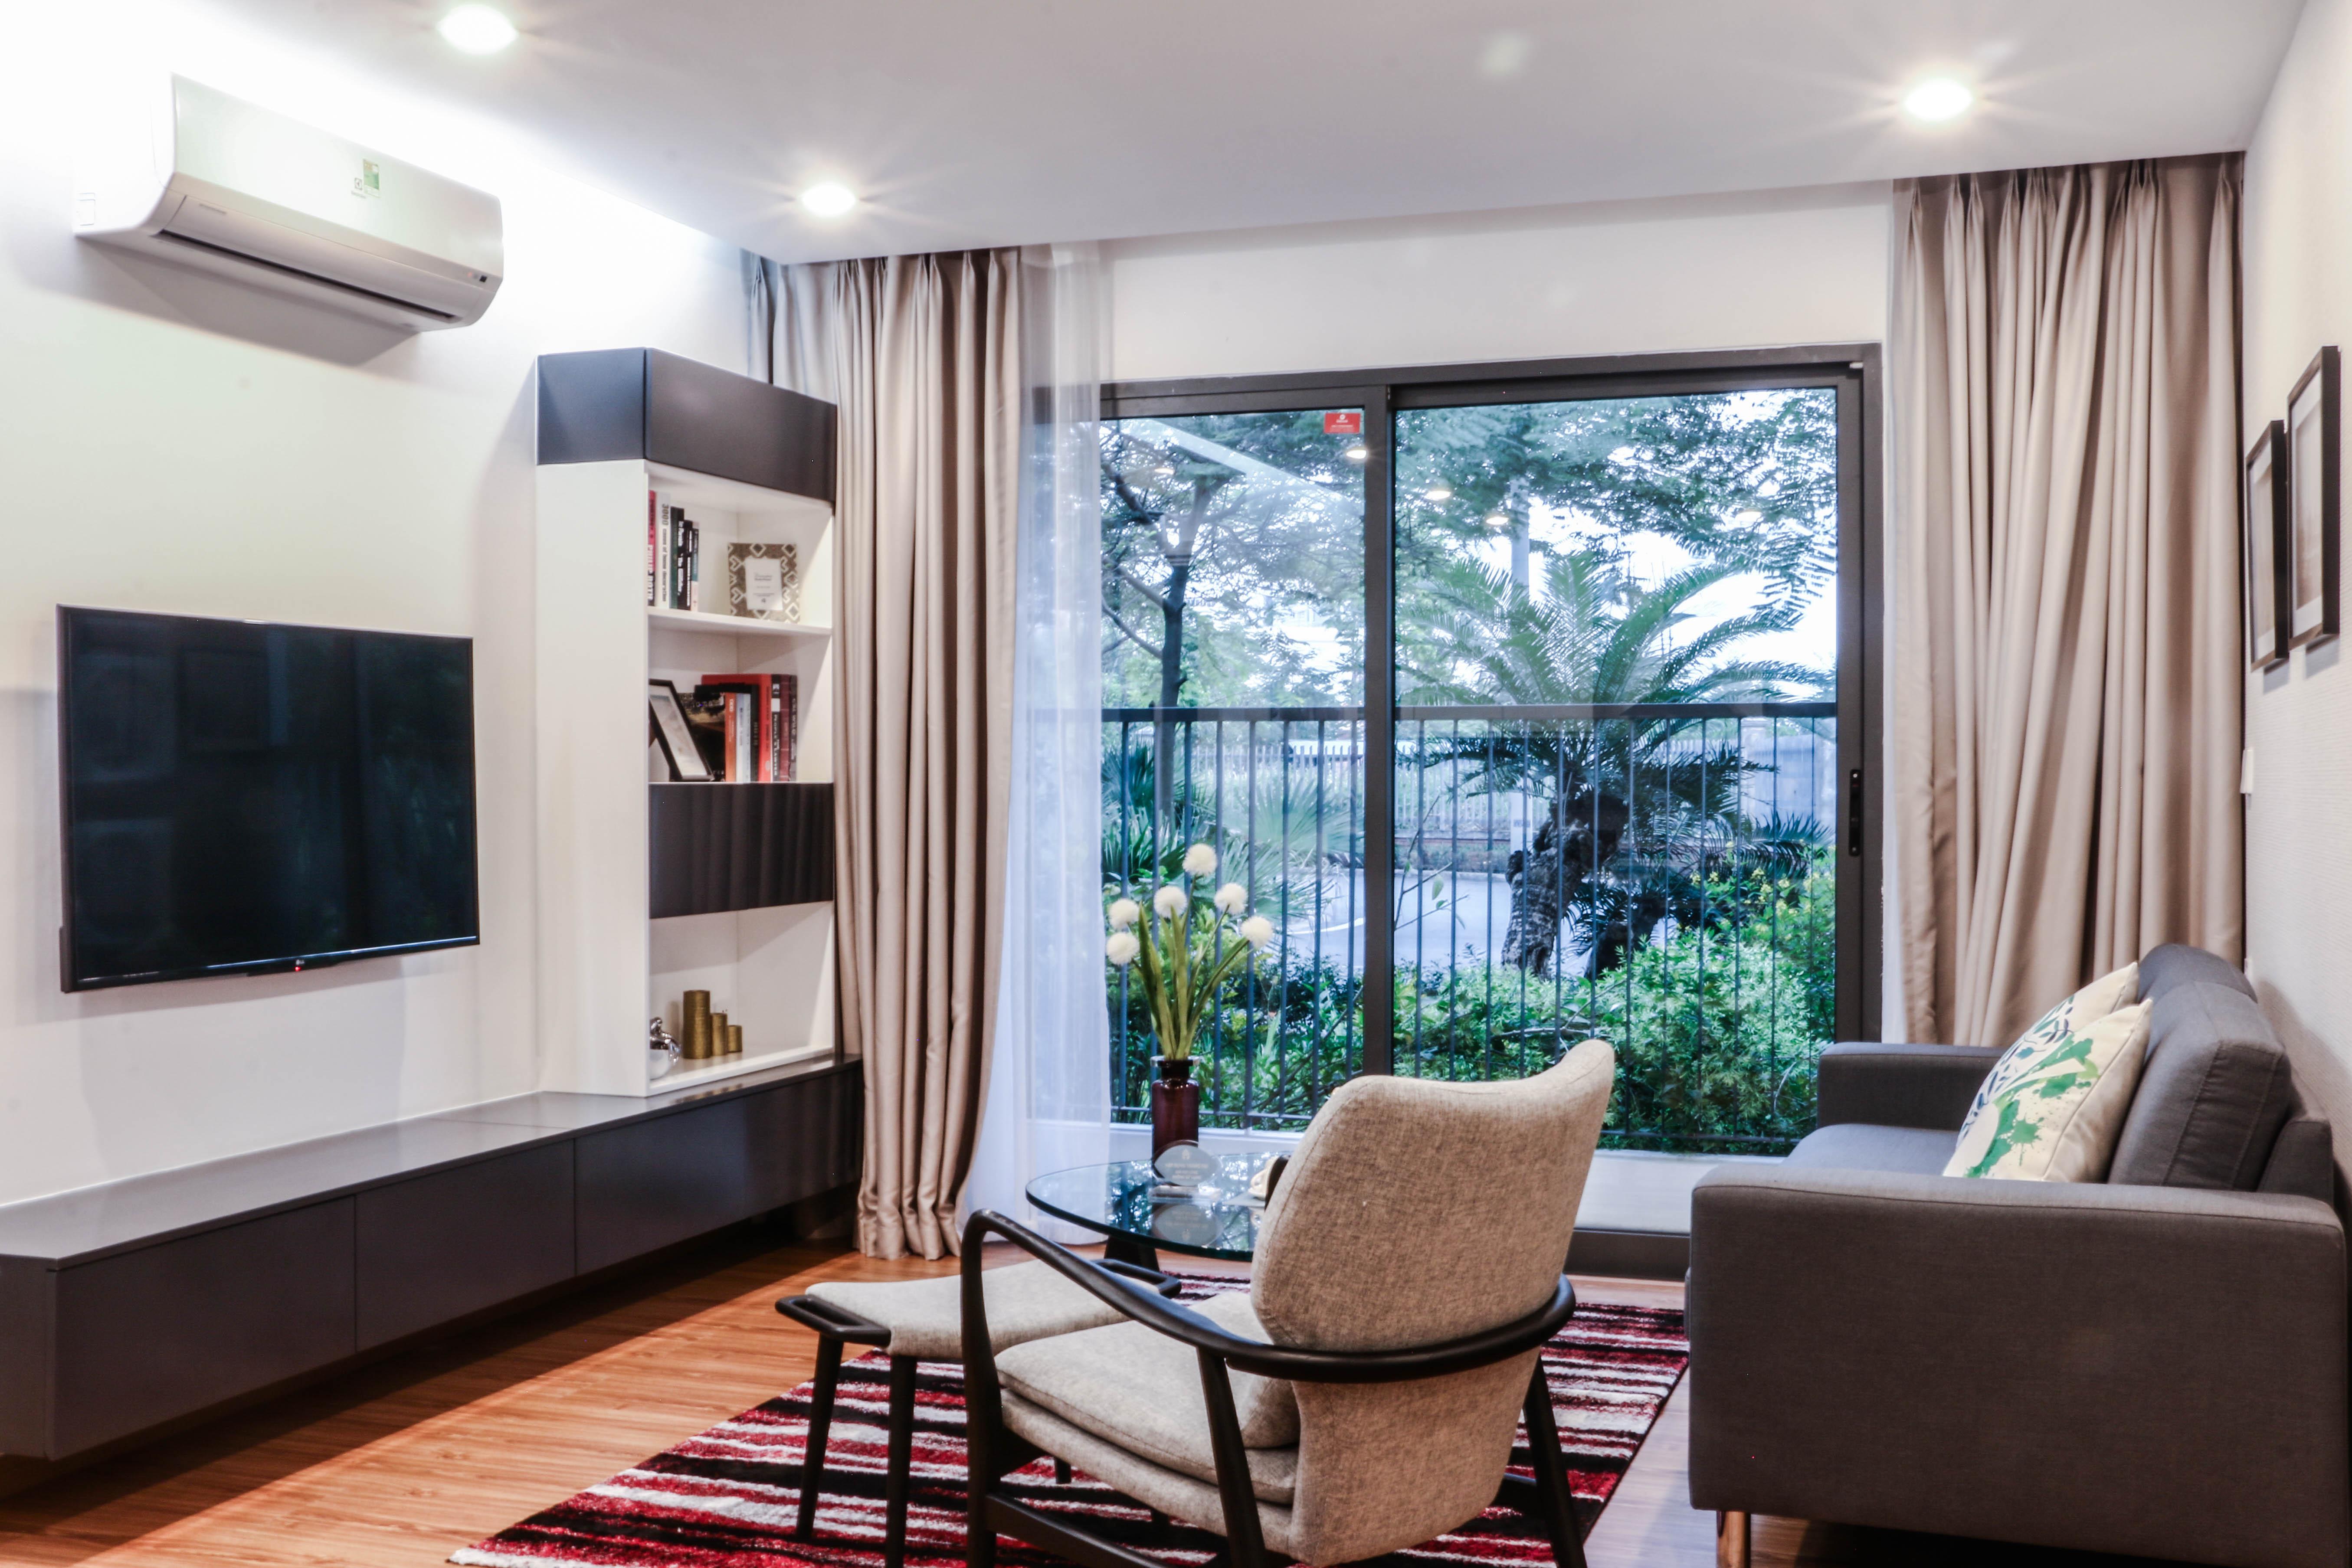 Hình ảnh thực tế căn hộ mẫu Hồng Hà Eco City.